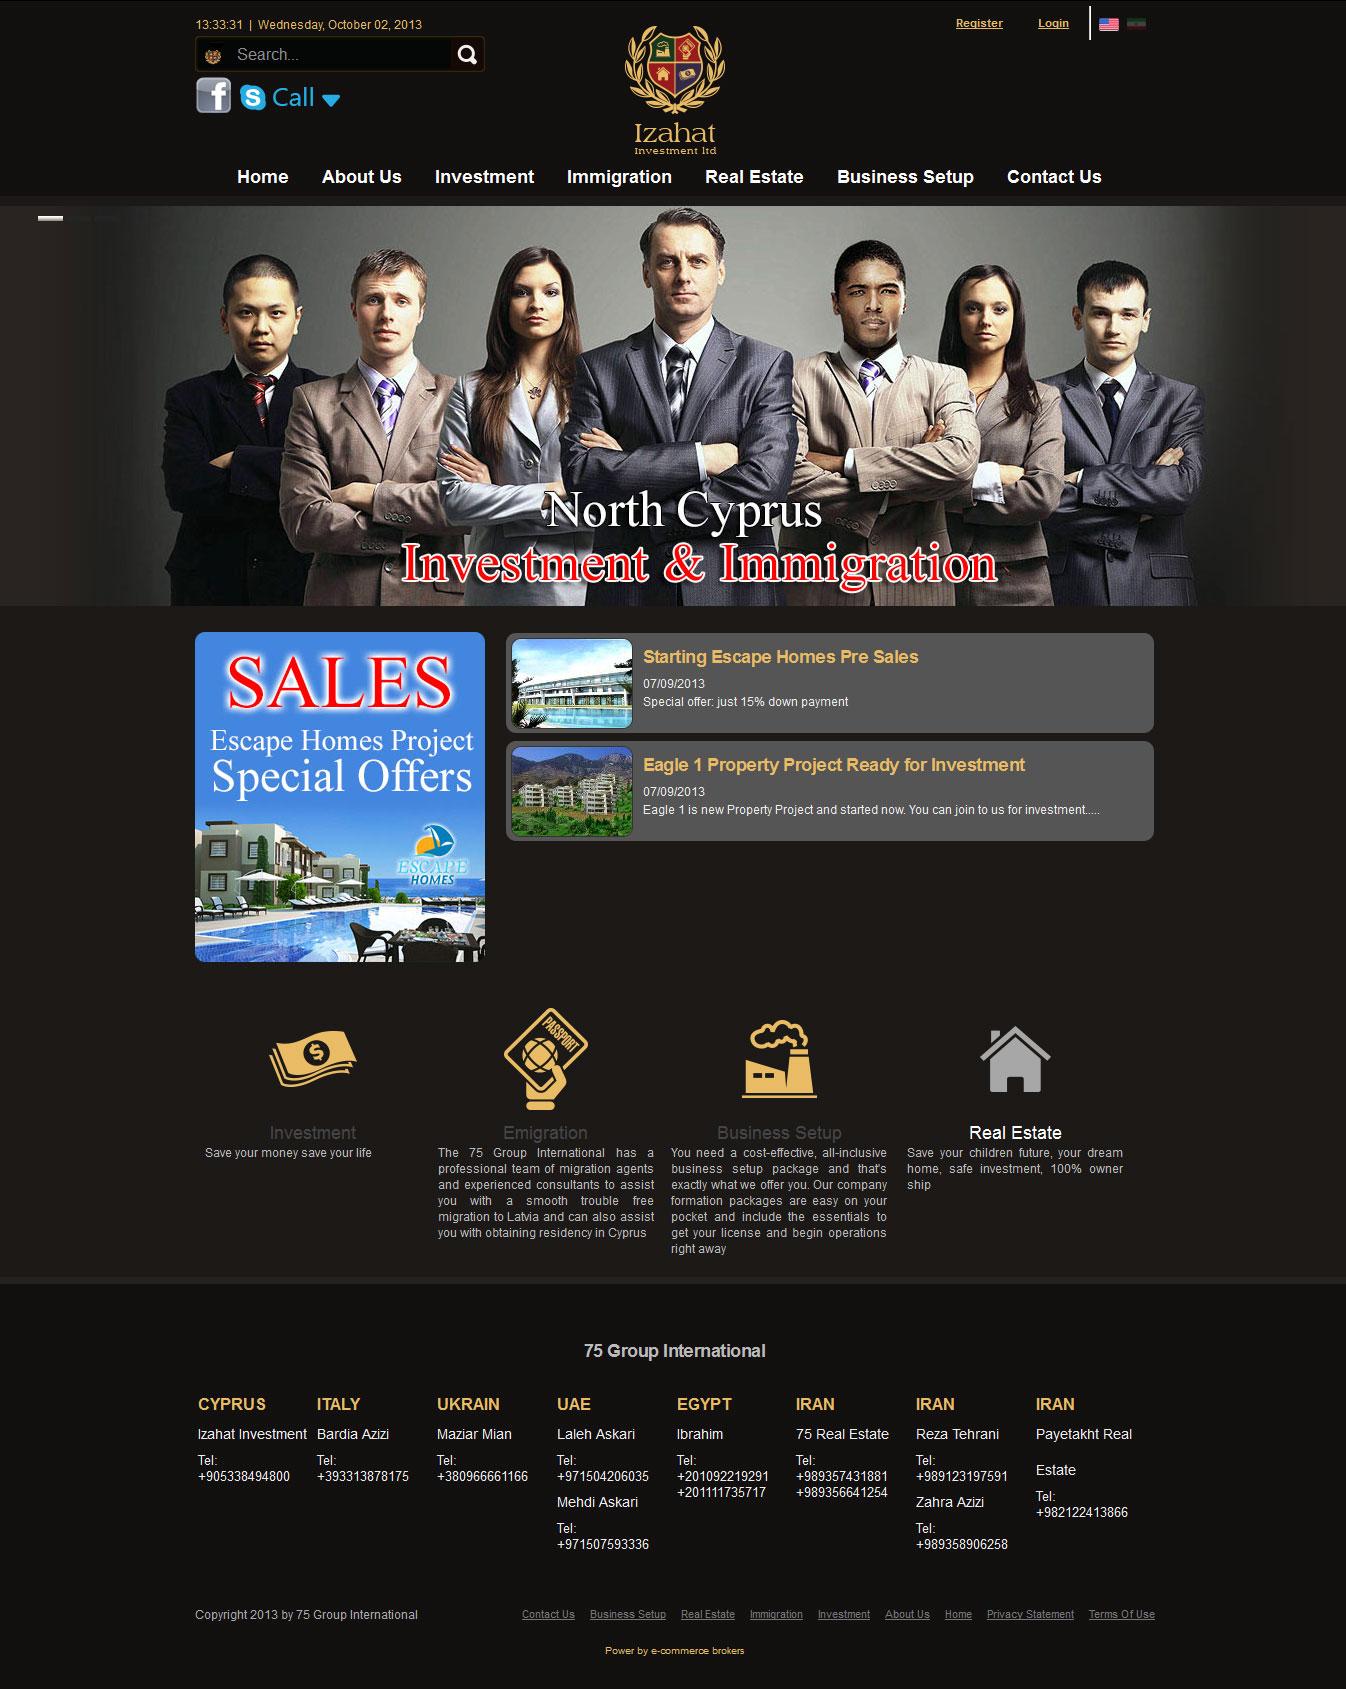 تصویری از صفحه نخست وبسایت شرکت Izahat Investment Ltd قبرس